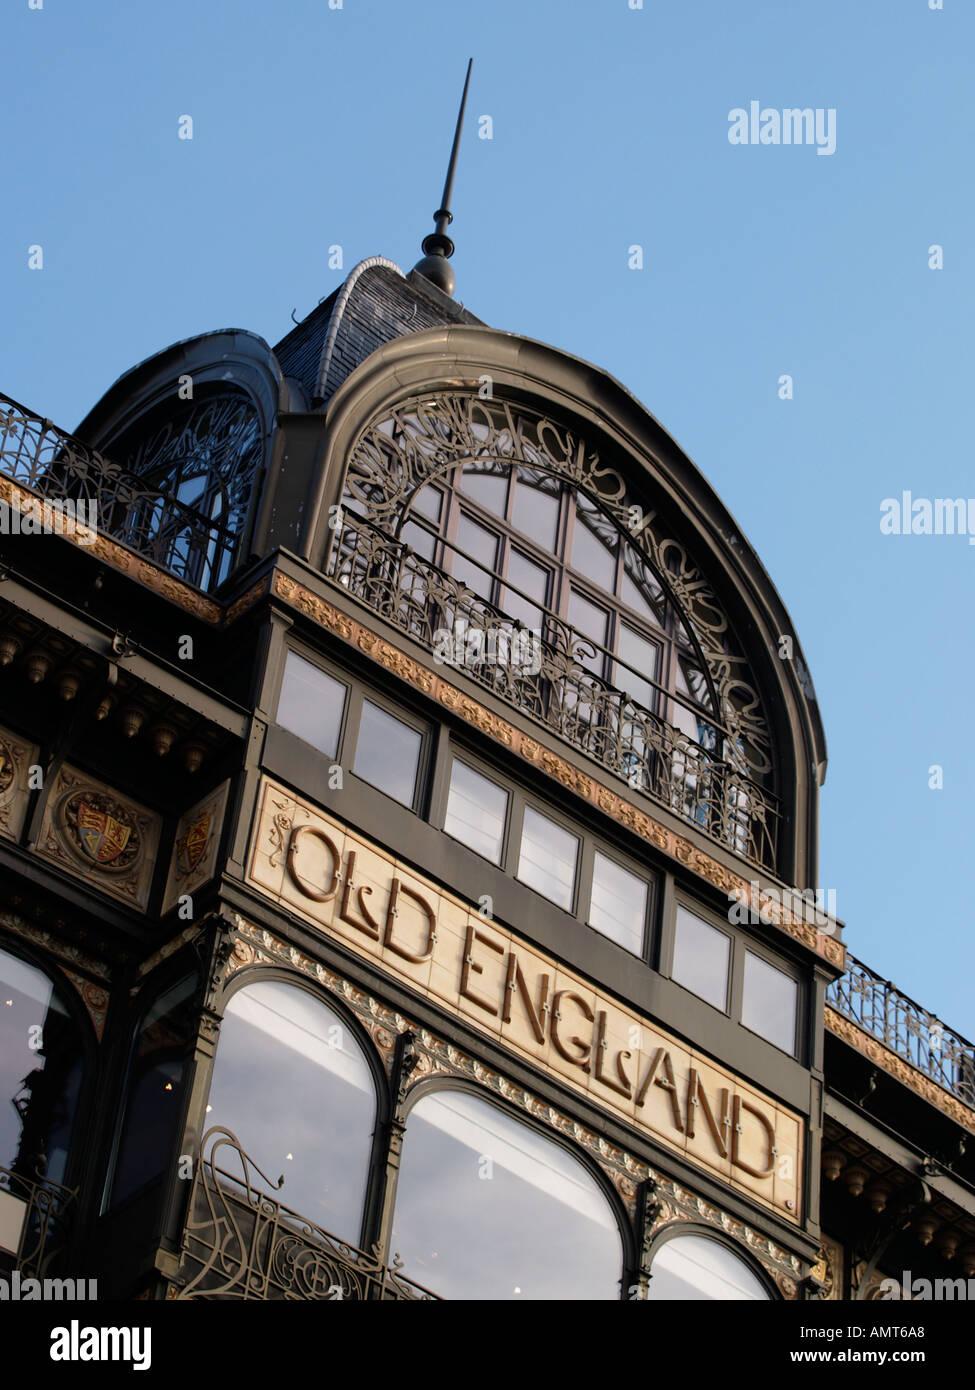 The Old England art deco art nouveau jugendstil building on the ...